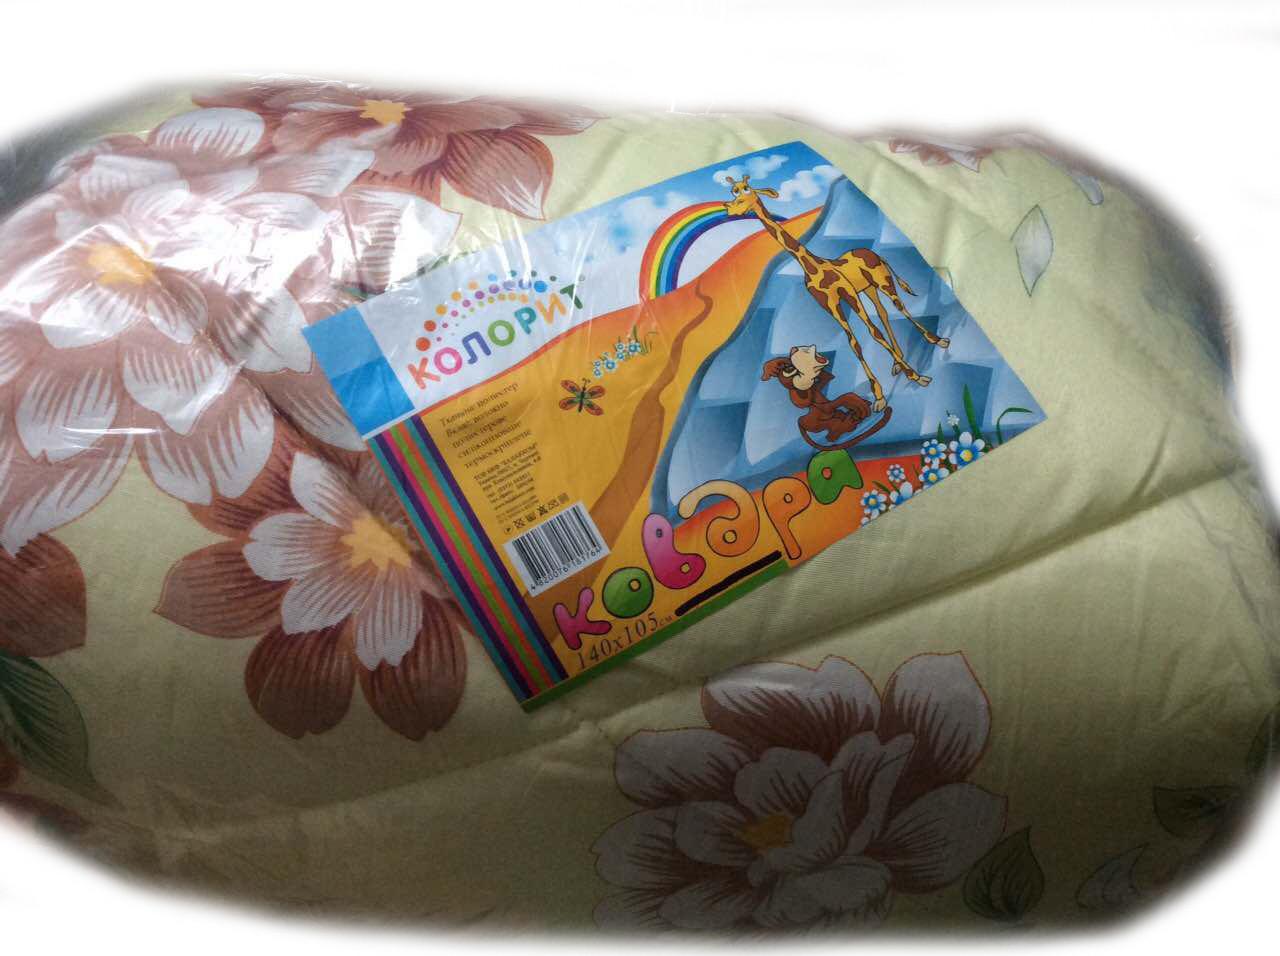 Детское одеяло КОЛОРИТ (синтепон) 105*140